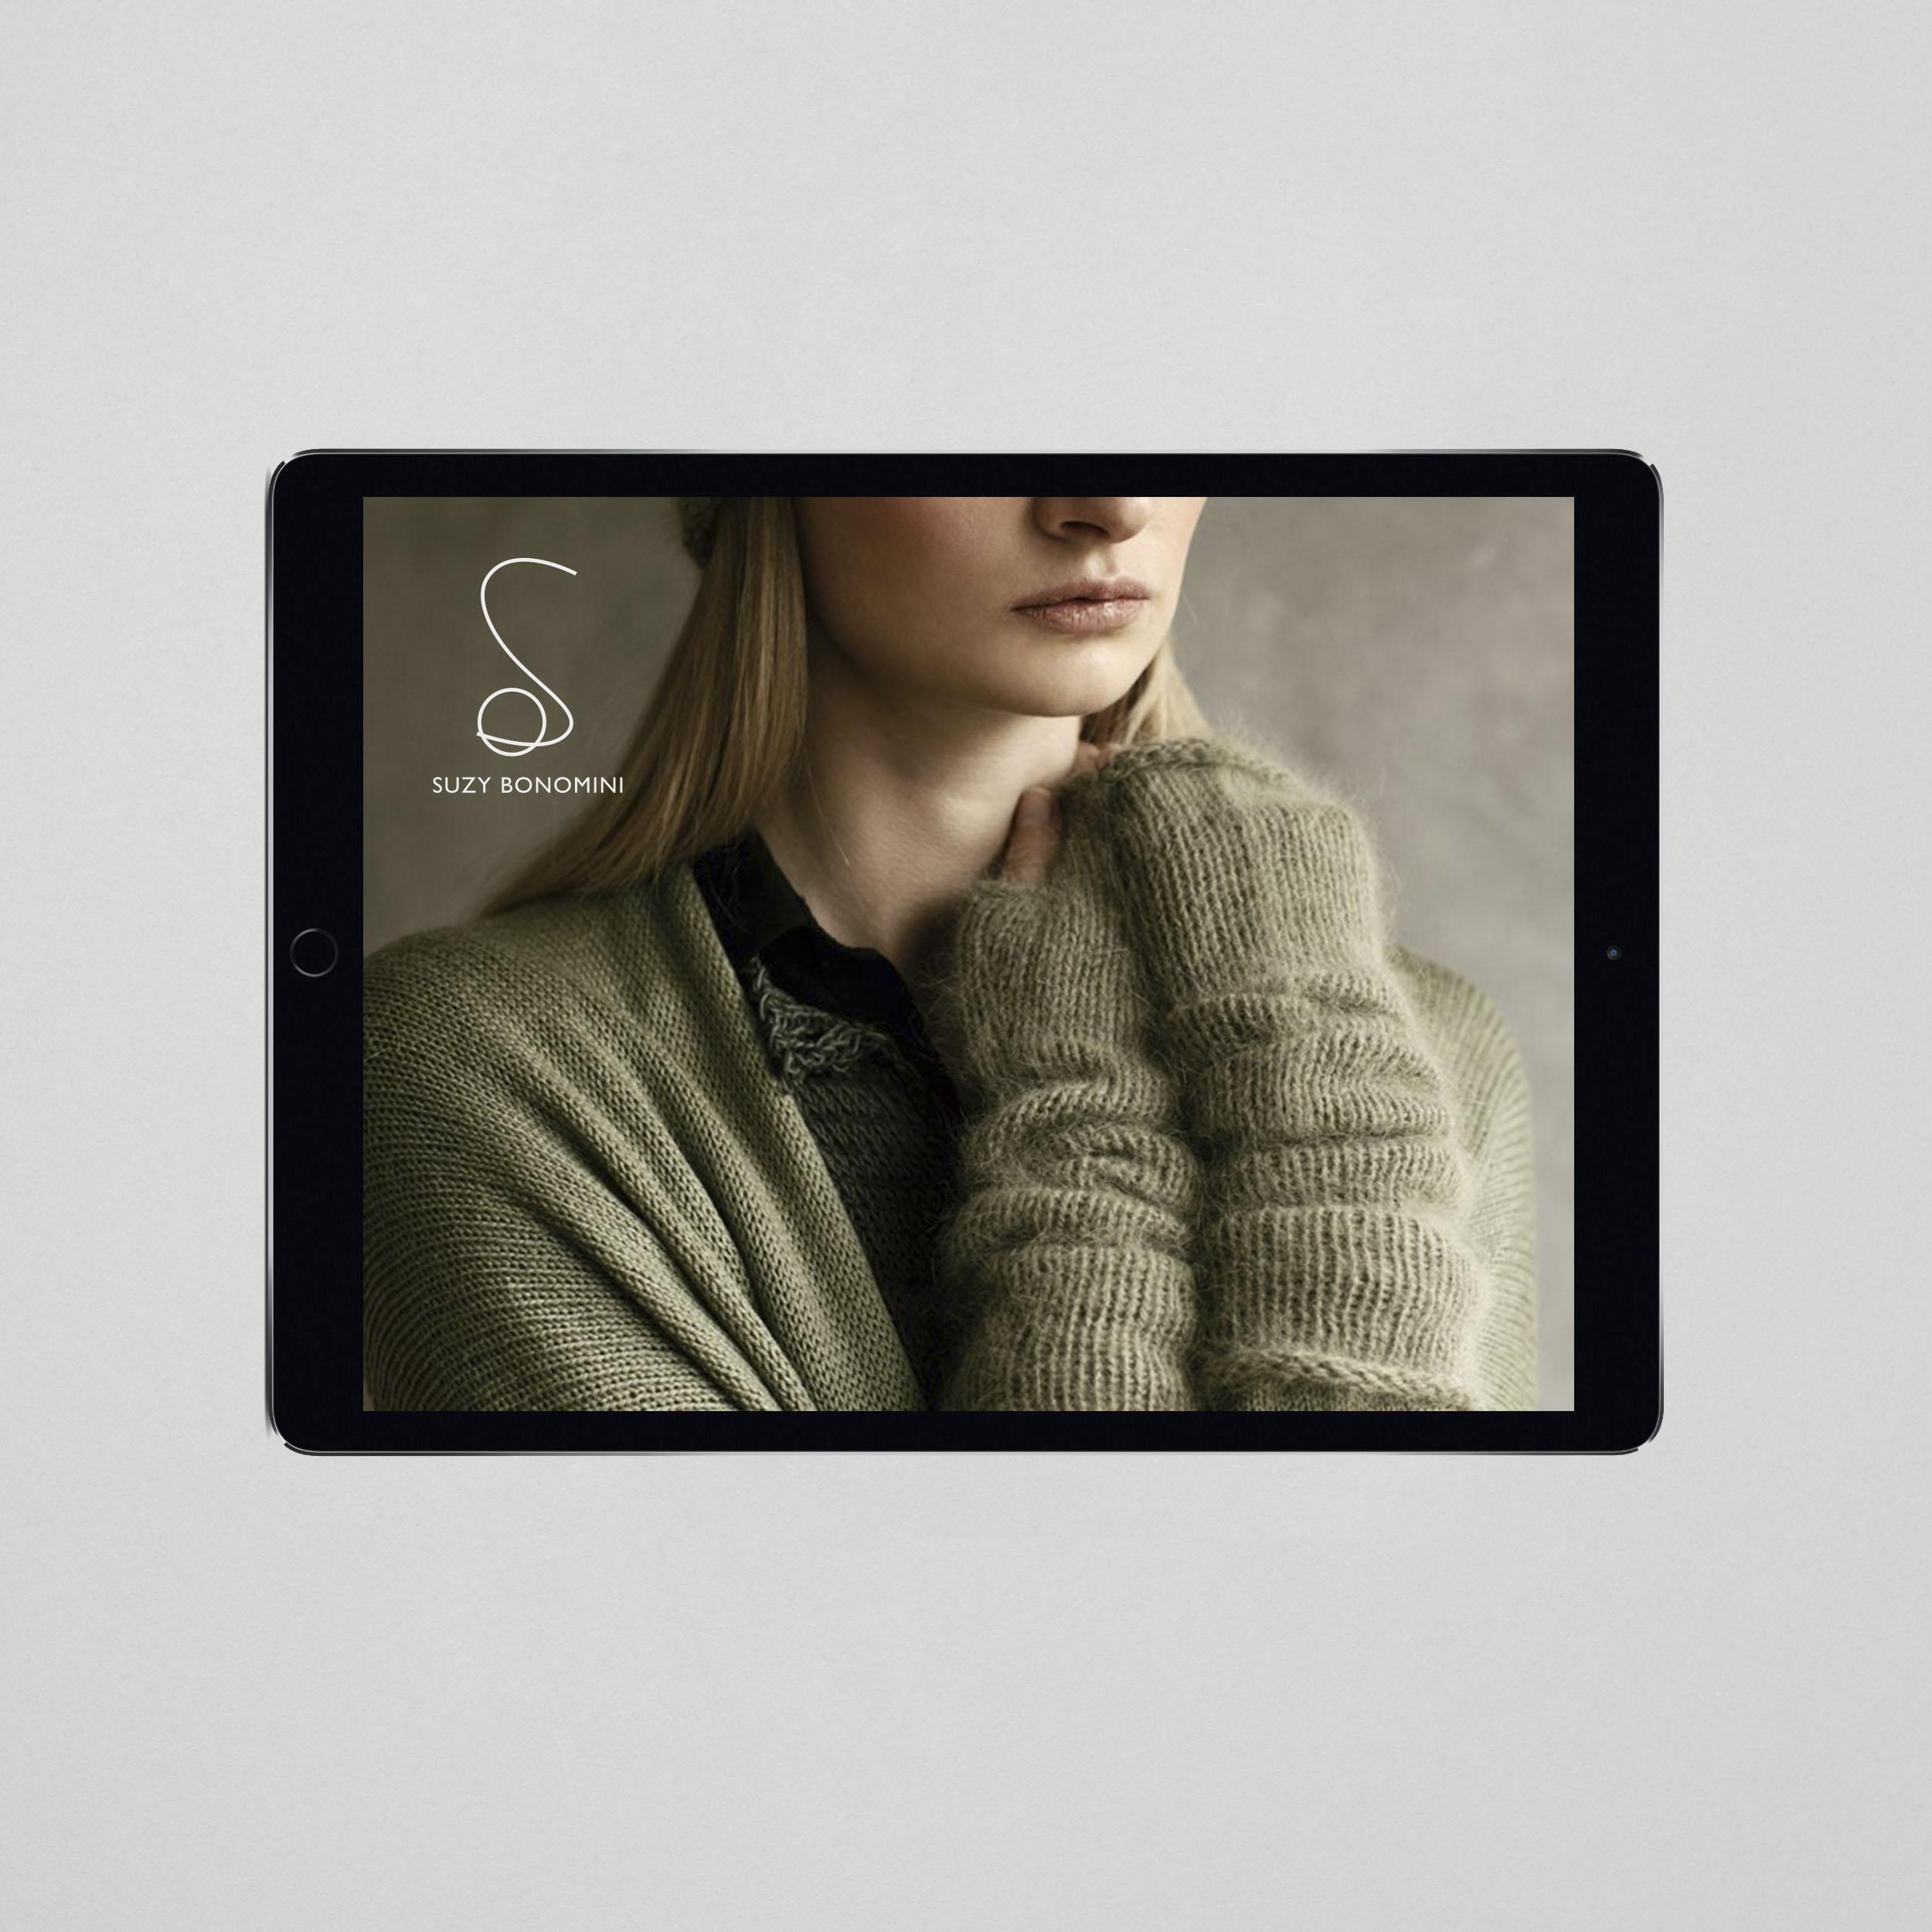 iPad 2.jpg